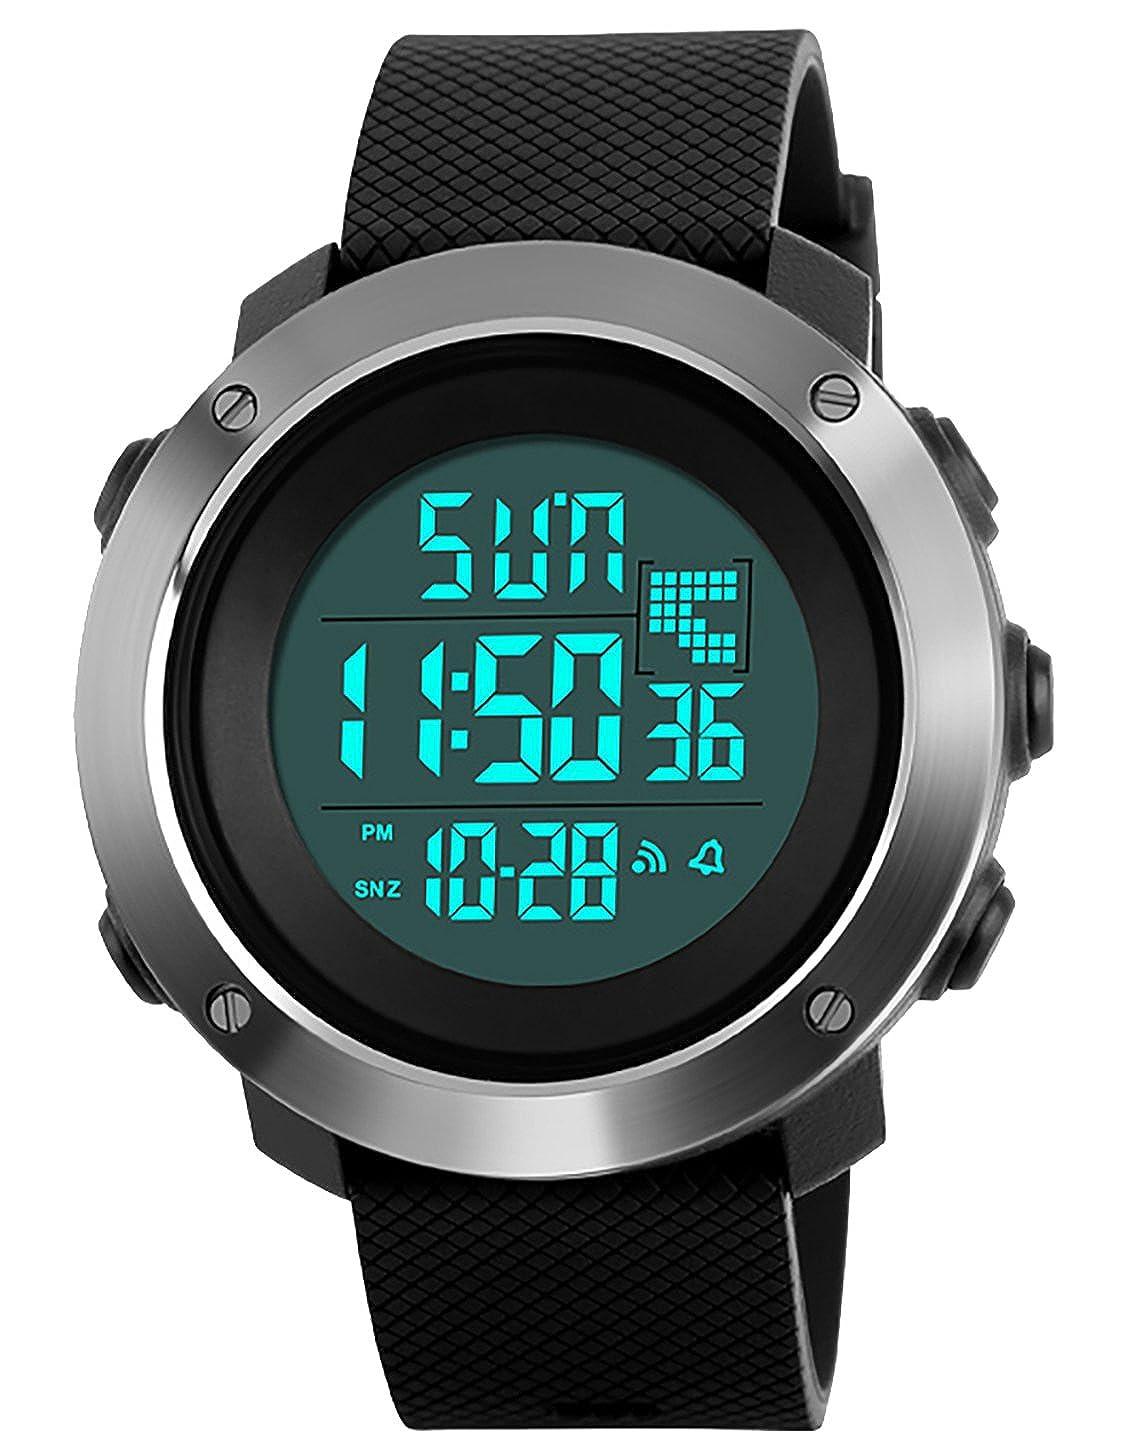 Skmei Herren Militär Uhr Für Männliche Sport Watche Luxus Top Marke Analog Quarz Und Led Digital Outdoor Wasserdicht Handgelenk Uhren Uhren